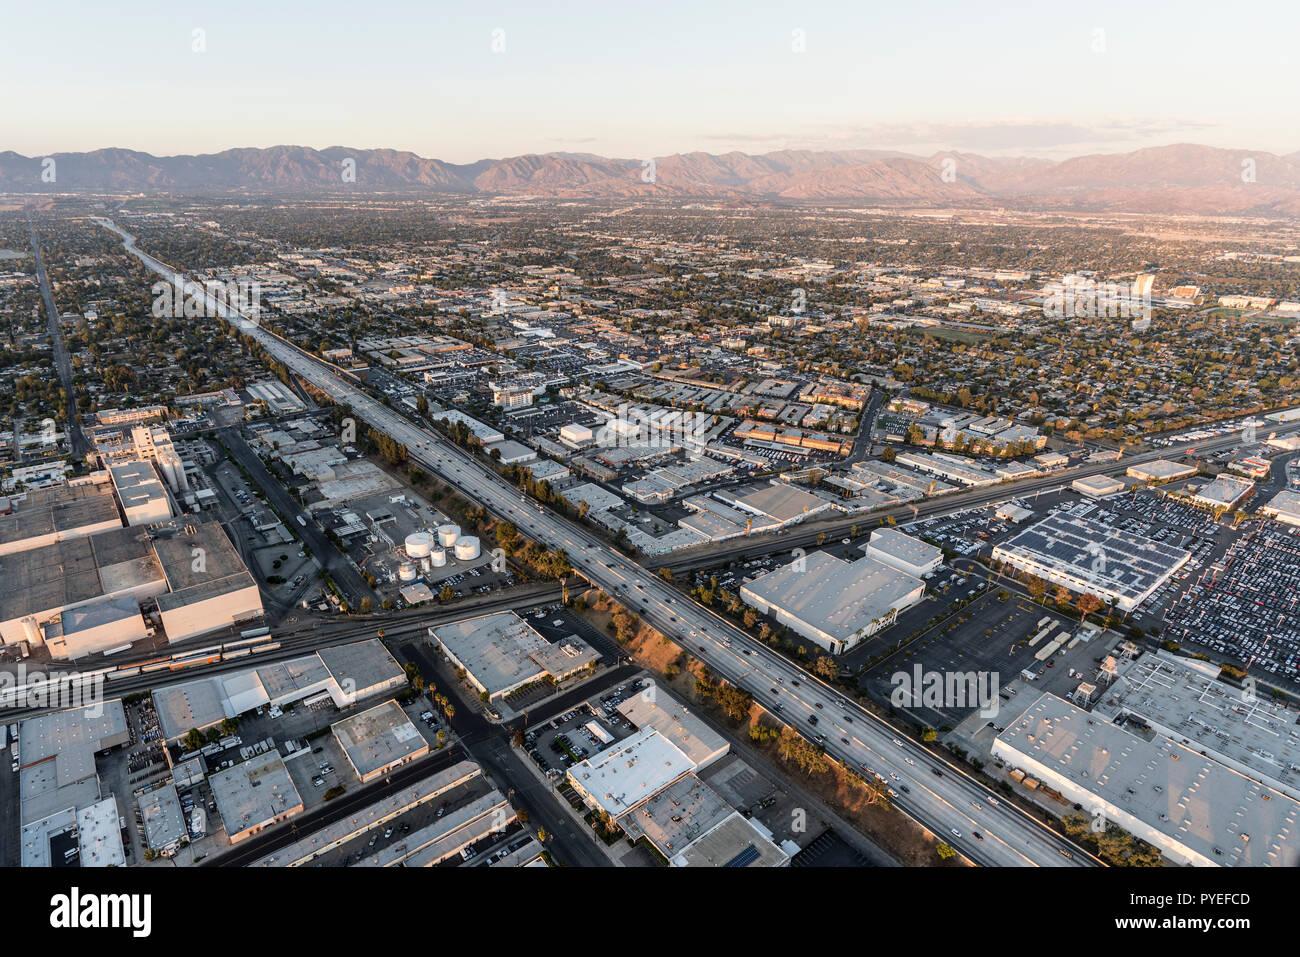 Los Angeles, California, EE.UU. - 21 de octubre de 2018: Vista aérea de la autopista 405, cerca de Roscoe Blvd en el Valle de San Fernando, área de Los Angeles, Cali Foto de stock